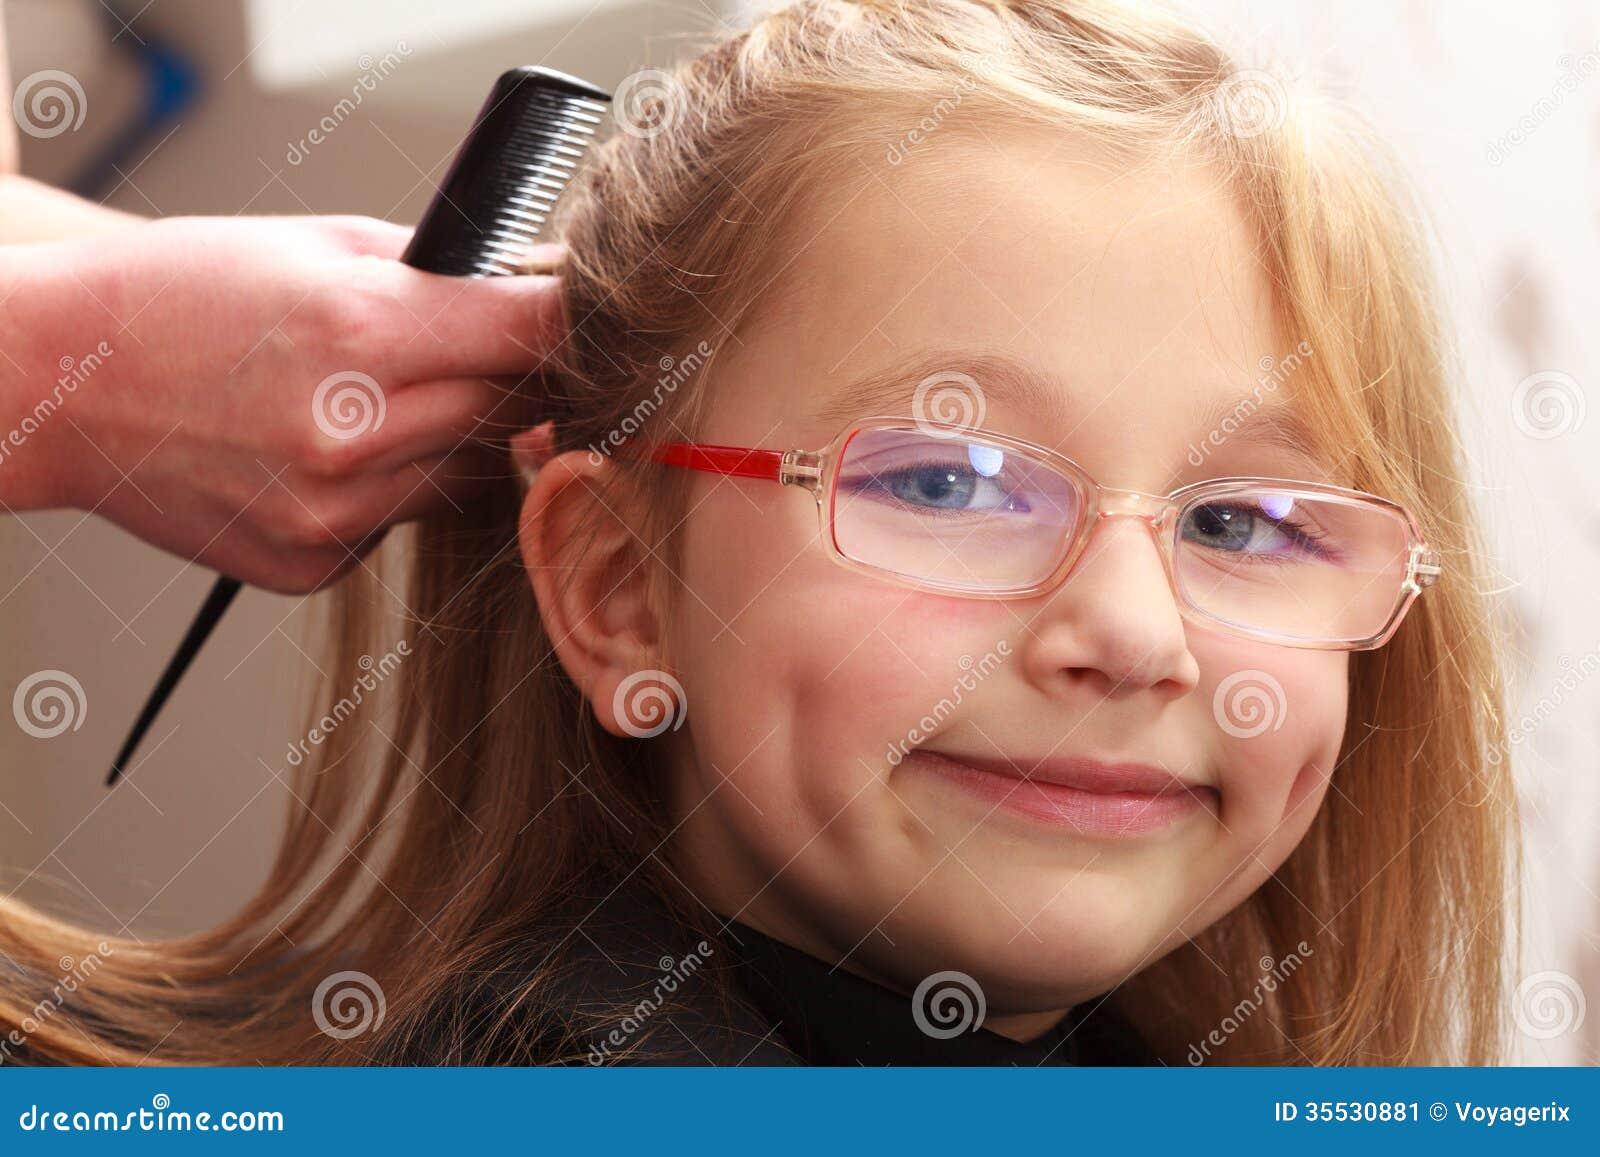 coiffeur peignant l 39 enfant de petite fille de cheveux dans. Black Bedroom Furniture Sets. Home Design Ideas